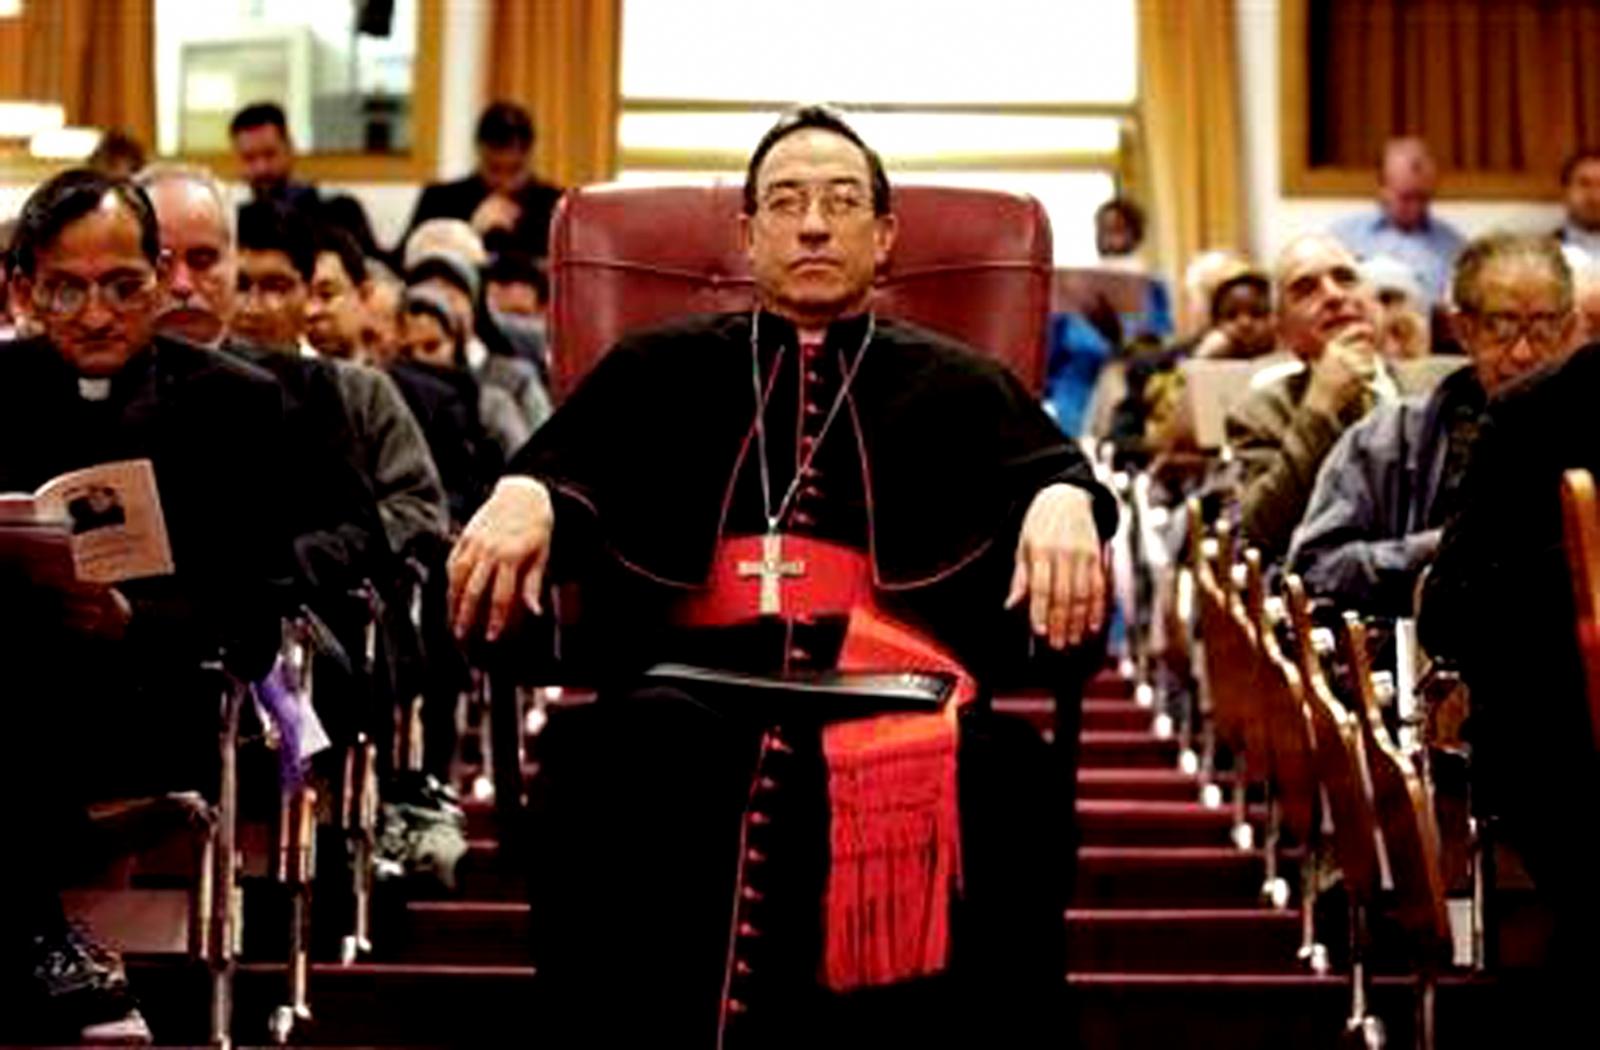 Revista italiana desnuda la corrupción del Cardenal hondureño Rodríguez Maradiaga